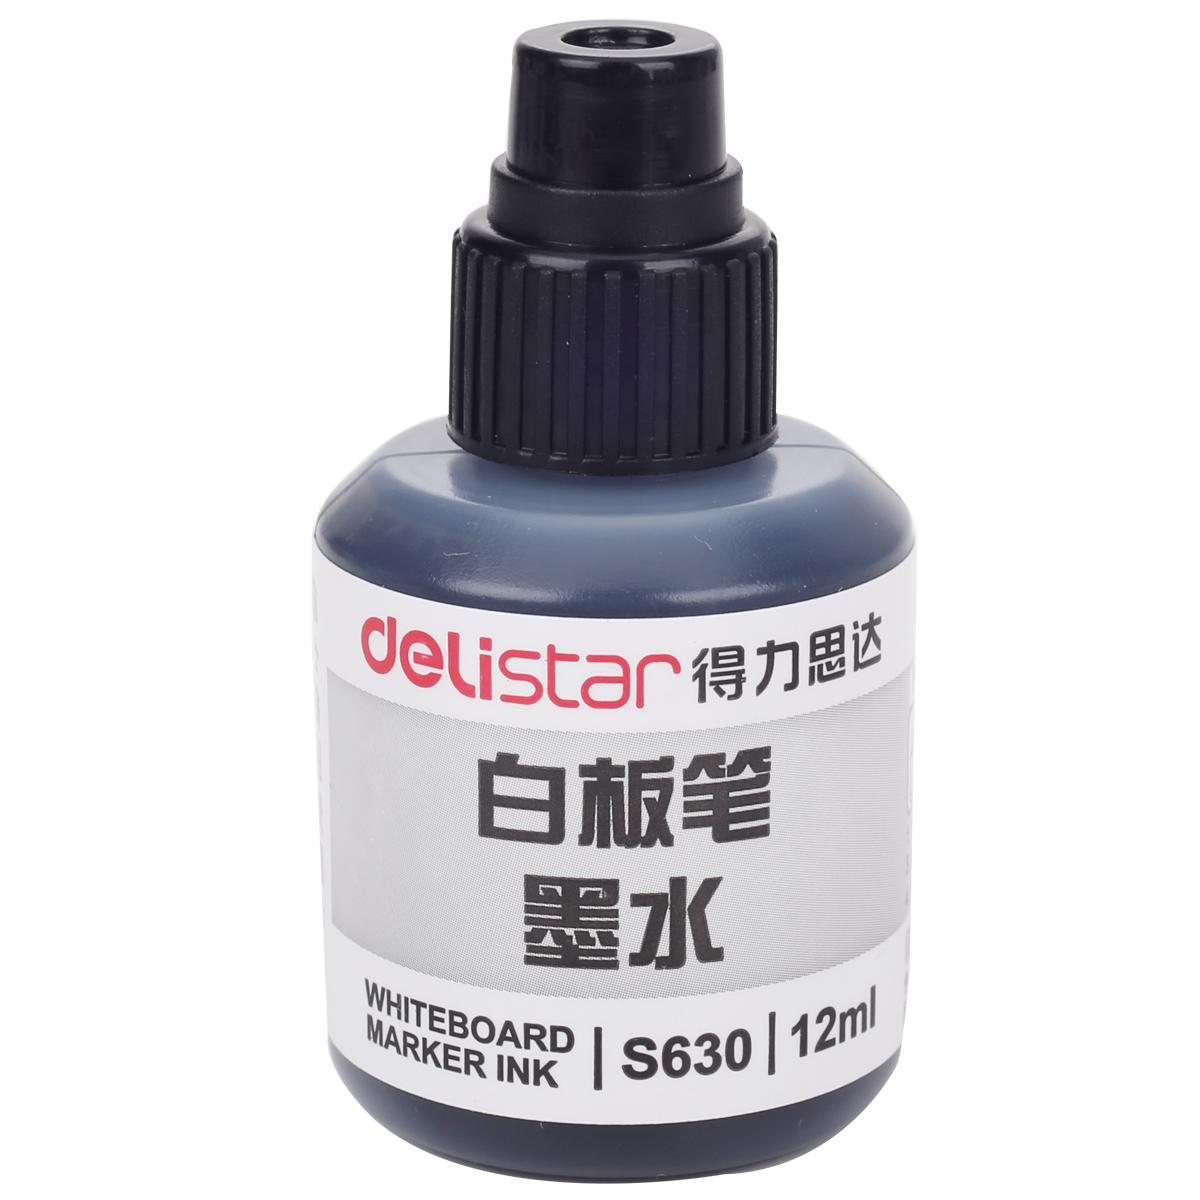 得力 S630 思达白板笔墨水 12ml 20瓶/盒(单位:瓶) 黑